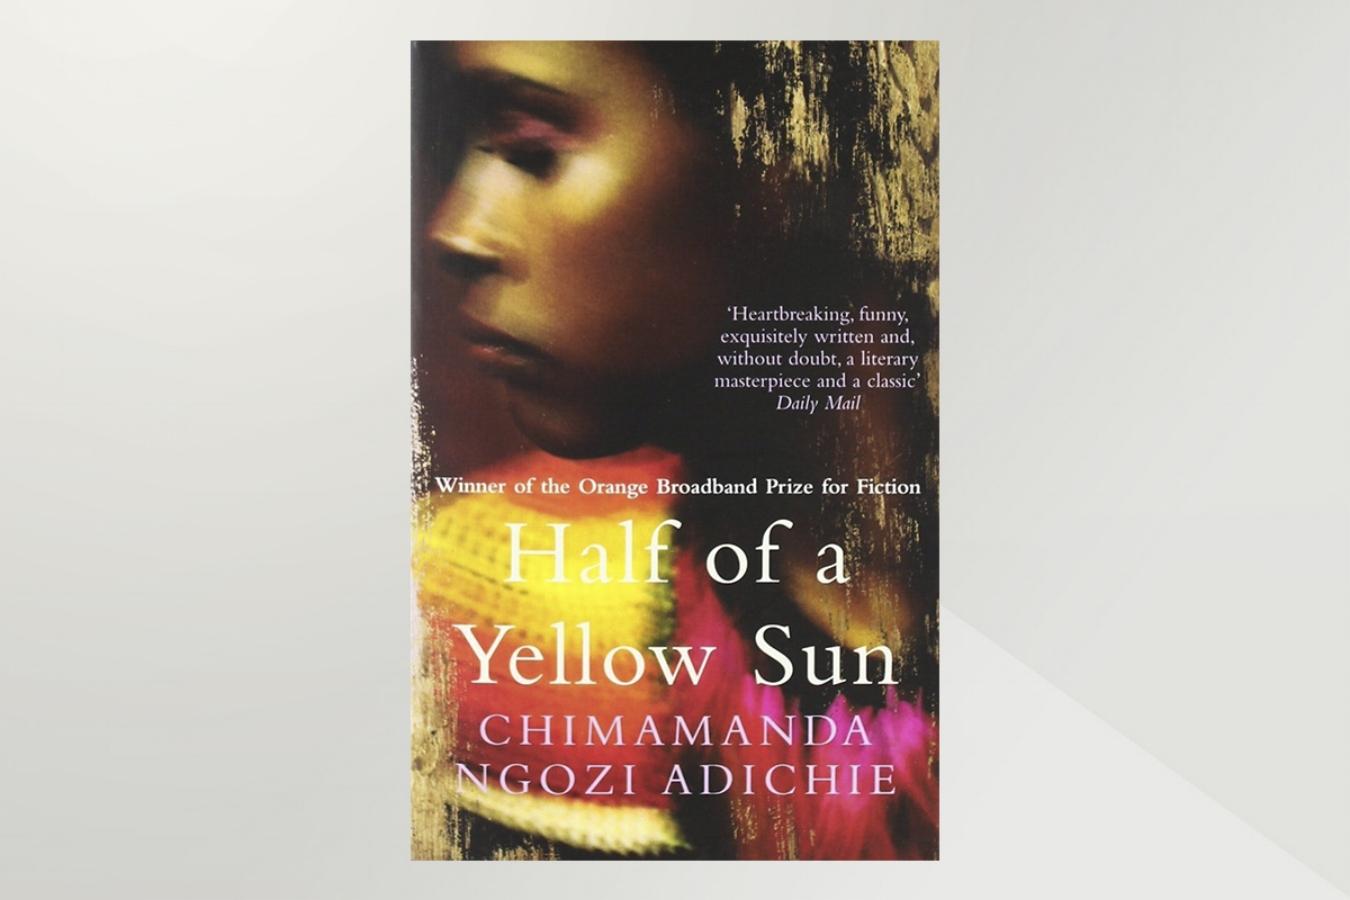 Half-a-Yellow-Sun.jpg